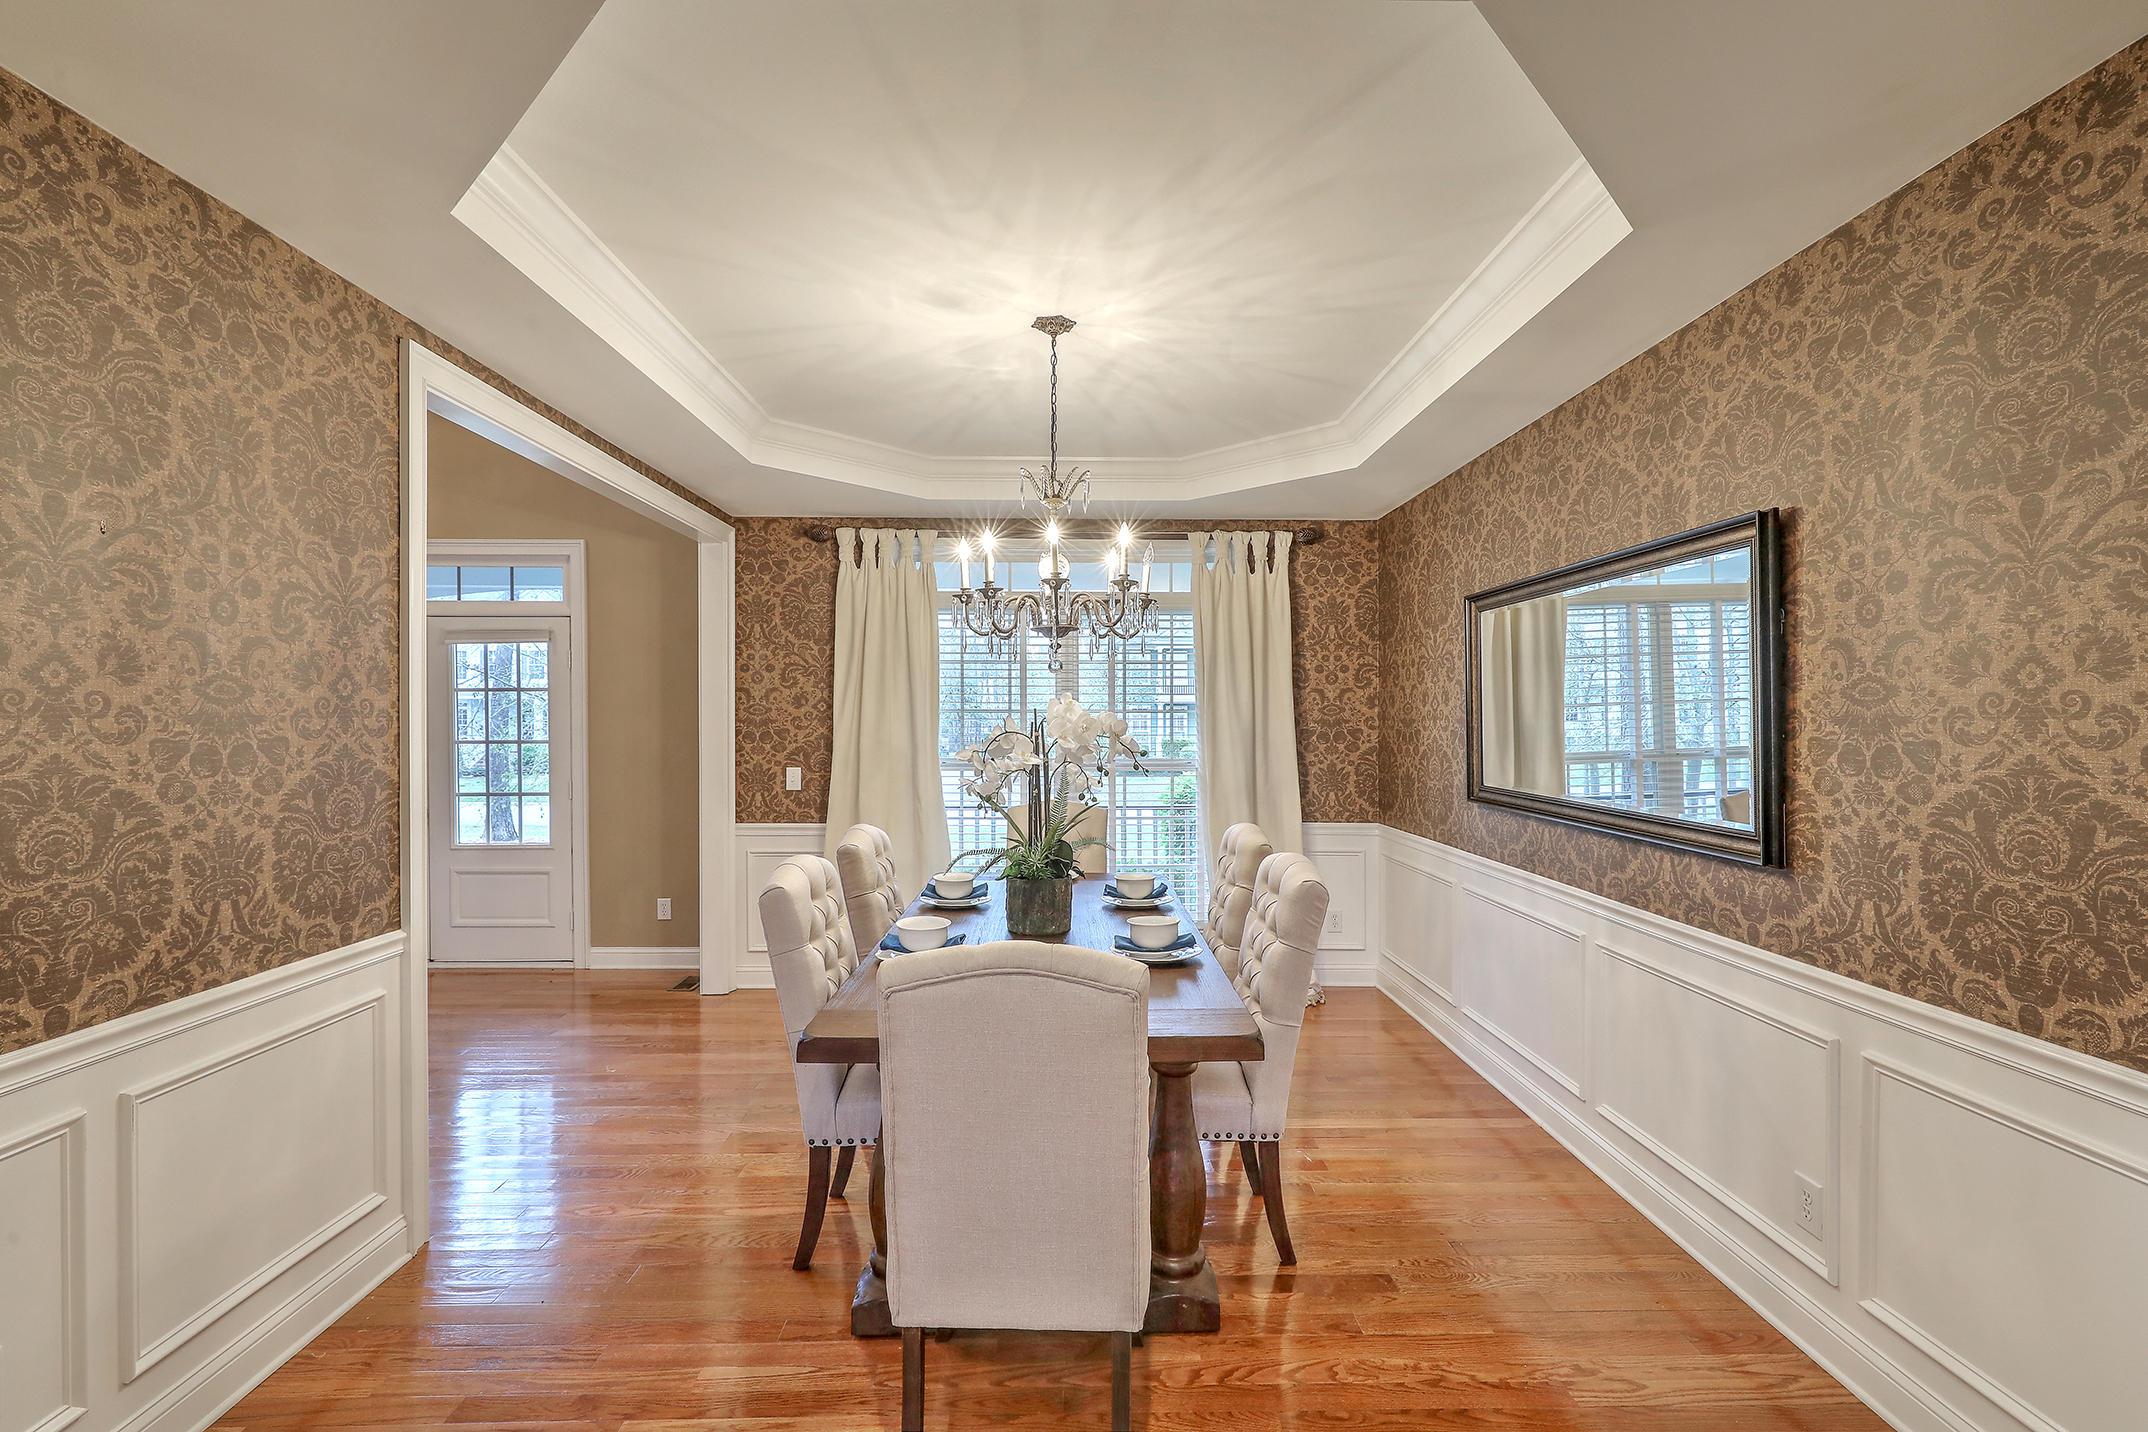 Dunes West Homes For Sale - 2817 Oak Manor, Mount Pleasant, SC - 3